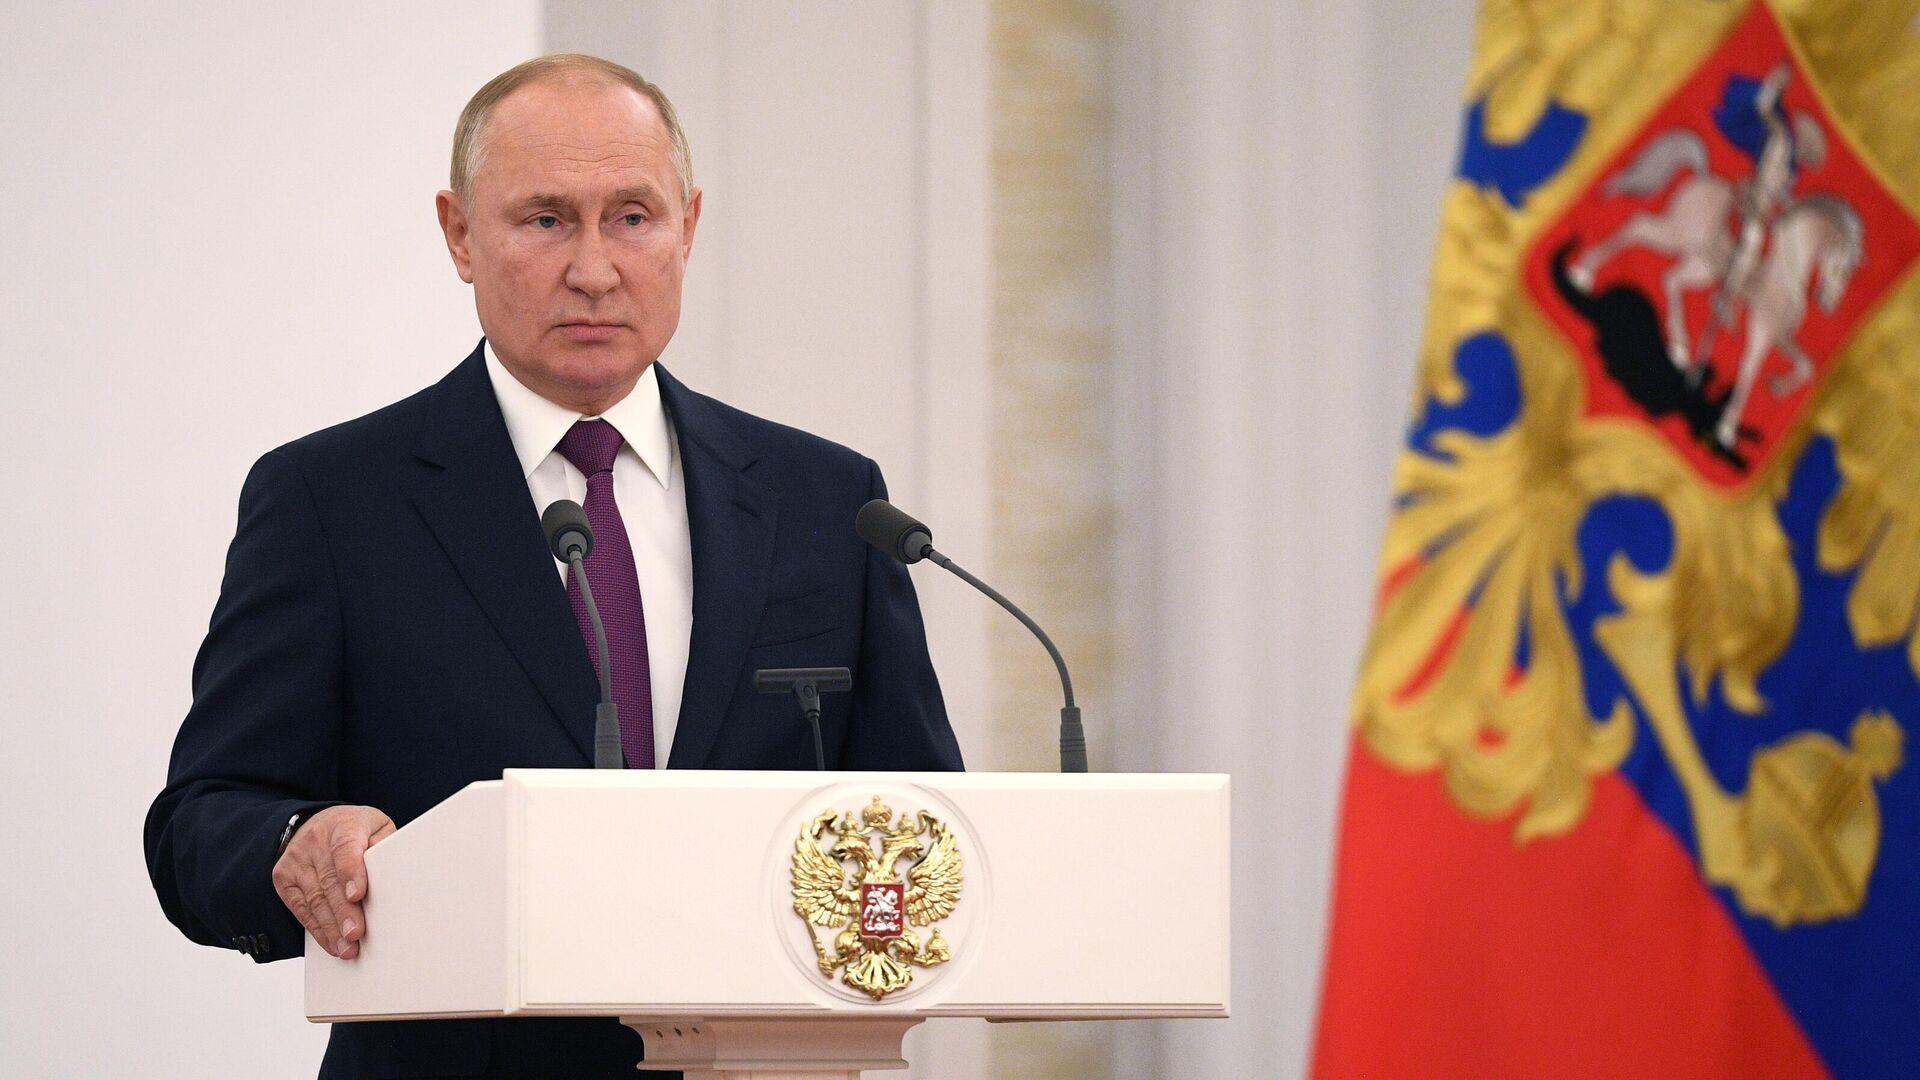 Rusiya Prezidenti Vladimir Putin, arxiv şəkli - Sputnik Azərbaycan, 1920, 13.10.2021